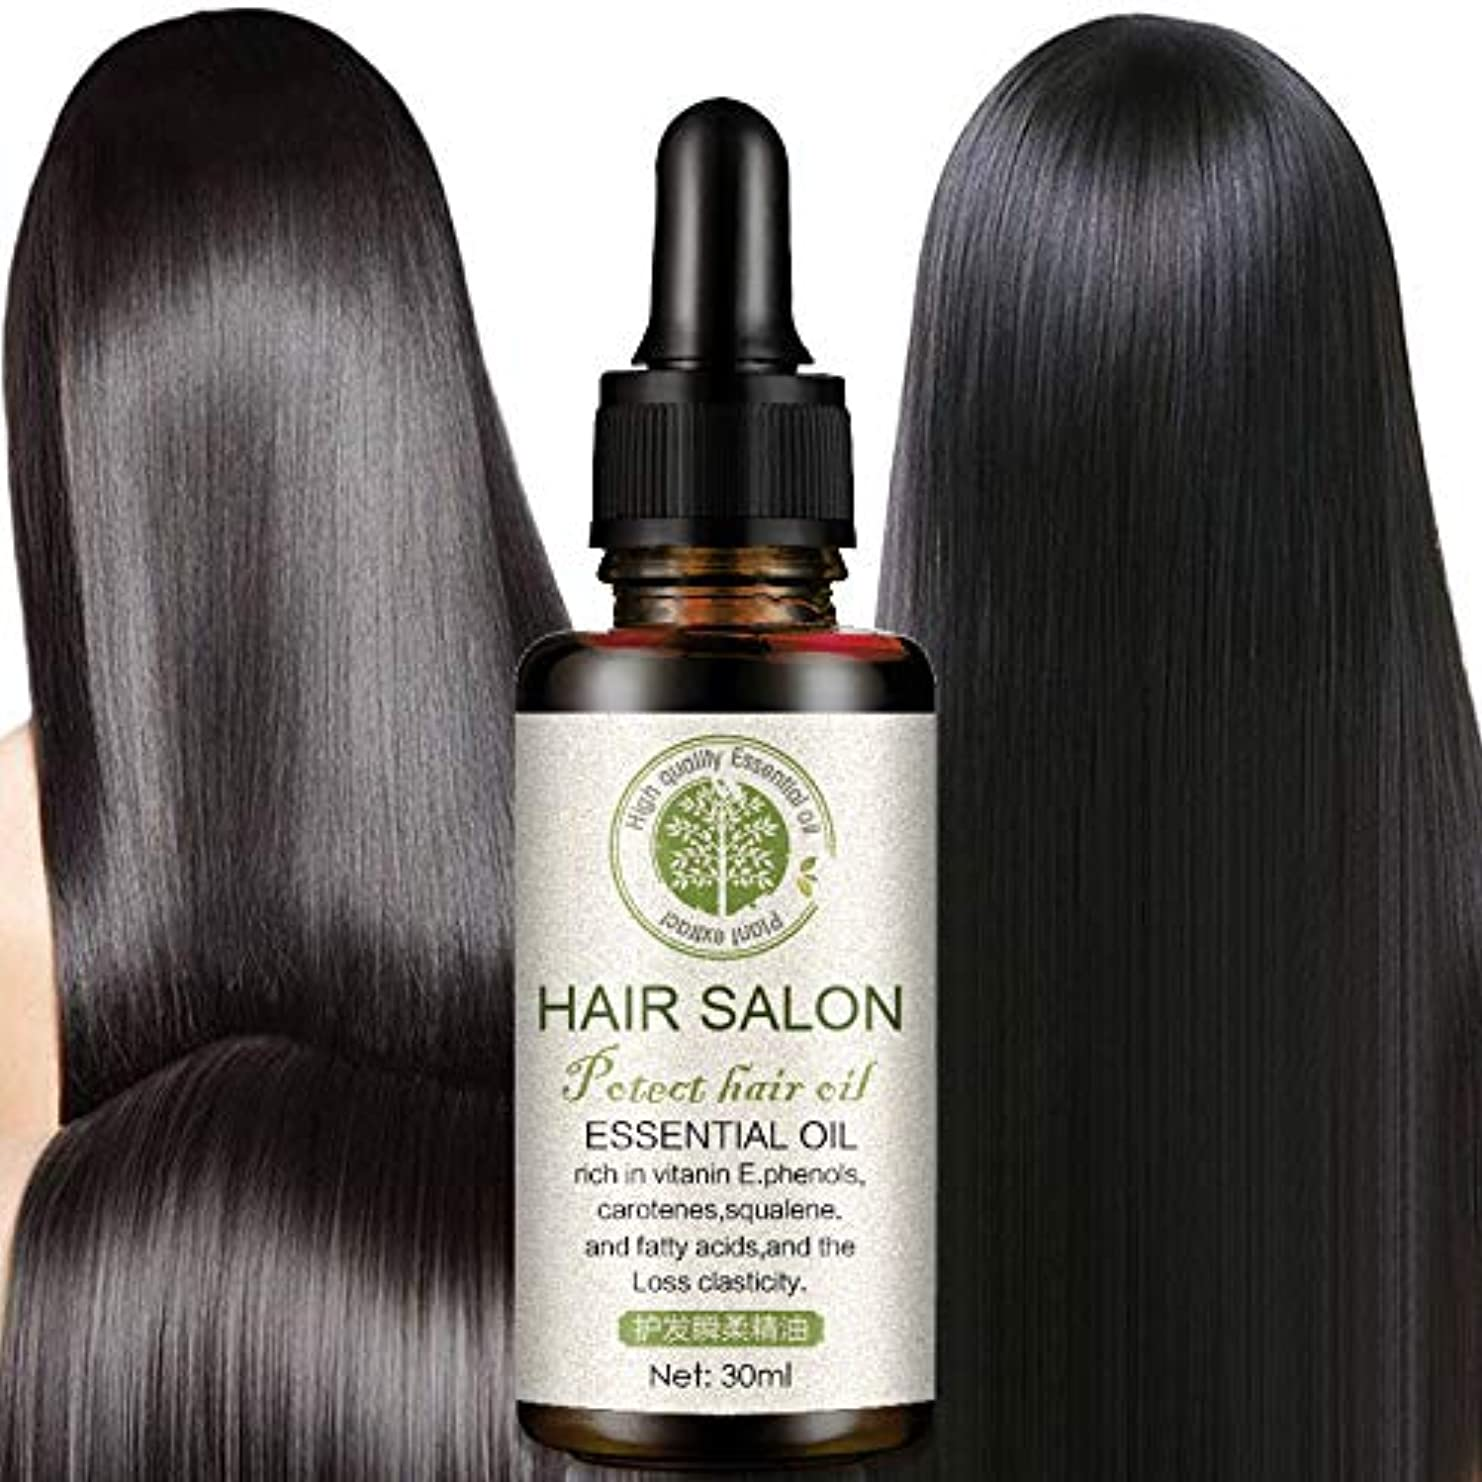 毒液フォーカス特異性Symboat ヘアケアエッセンシャルオイル 乾燥した 傷んだ髪 修復 頭皮治療 洗わない やわらか なめらか しなやかさ 栄養補給 保湿